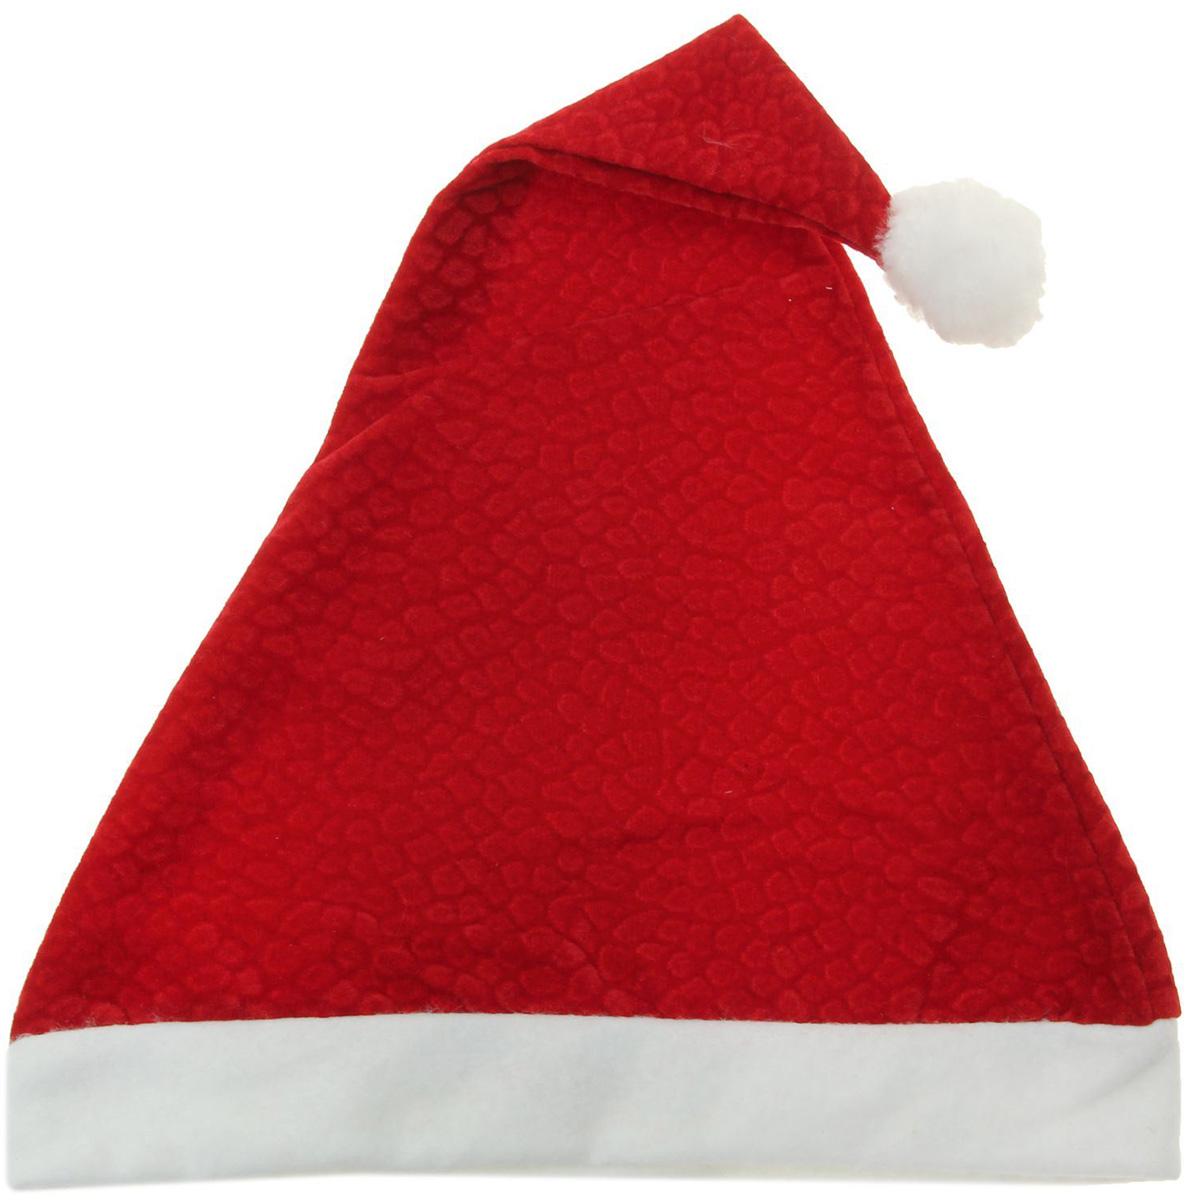 Колпак новогодний Мраморный, цвет: бордовый, 27 х 39 см1112362Поддайтесь новогоднему веселью на полную катушку! Забавный колпак в секунду создаст праздничное настроение, будь то поздравление ребятишек или вечеринка с друзьями. Размер изделия универсальный: аксессуар подойдет как для ребенка, так и для взрослого. А мягкий текстиль позволит носить колпак с комфортом на протяжении всей новогодней ночи.